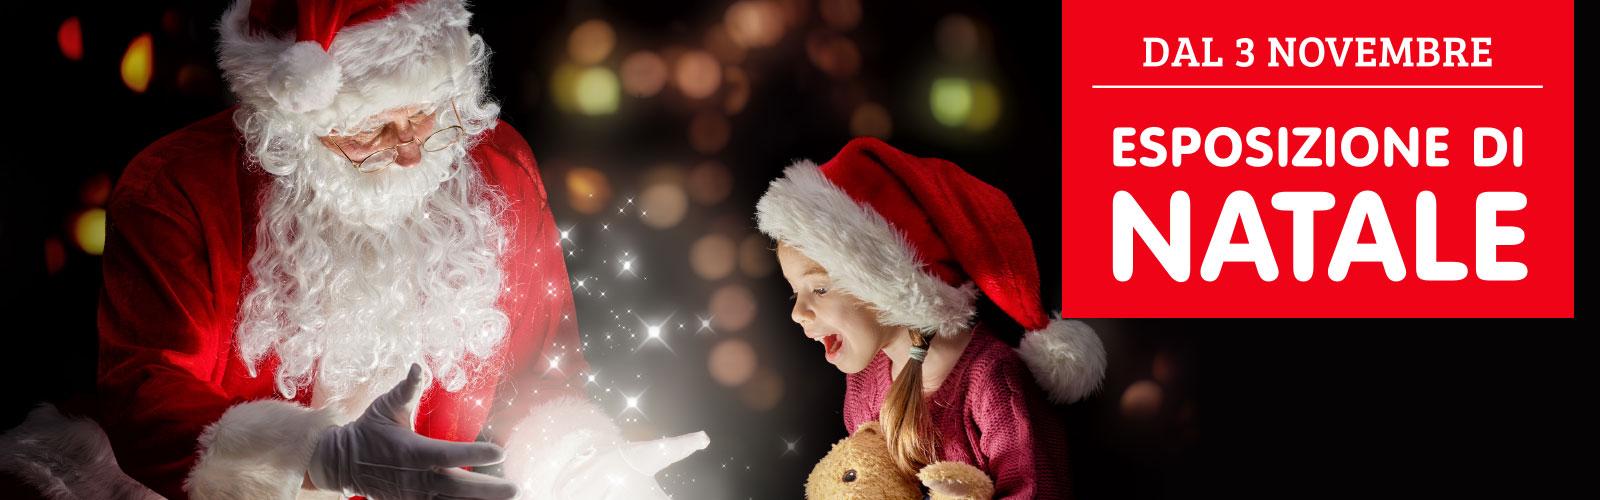 Esposizione di Natale